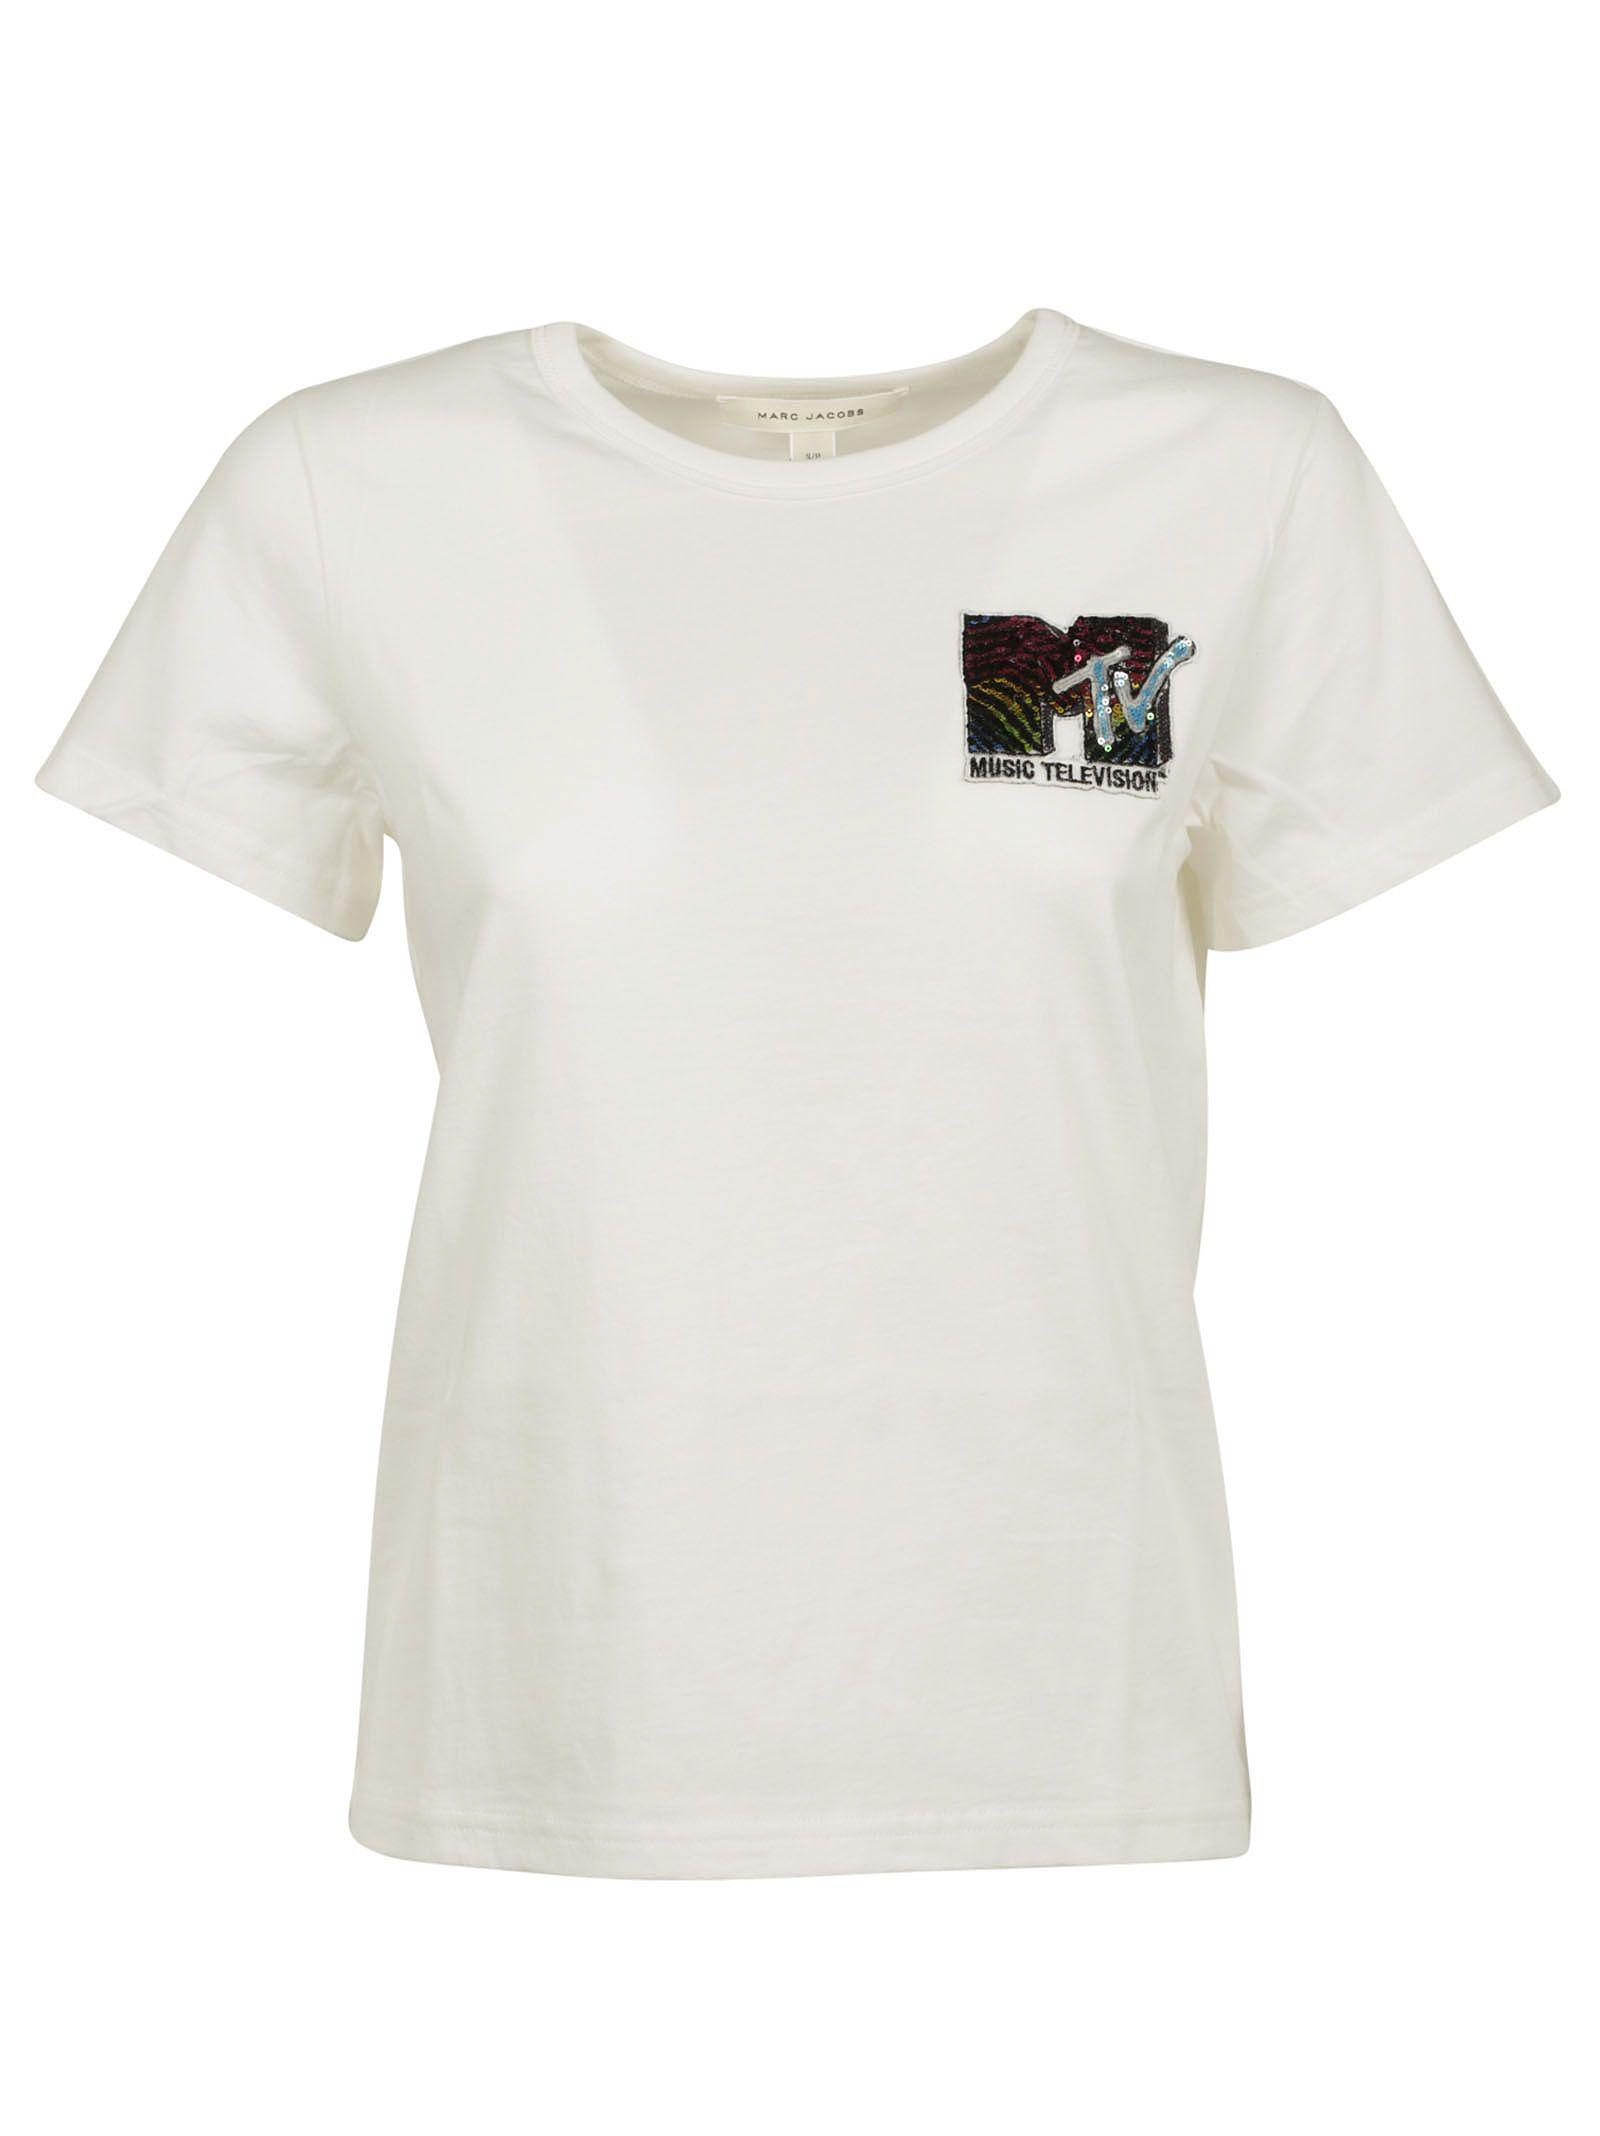 marc jacobs female marc jacobs mtv tshirt